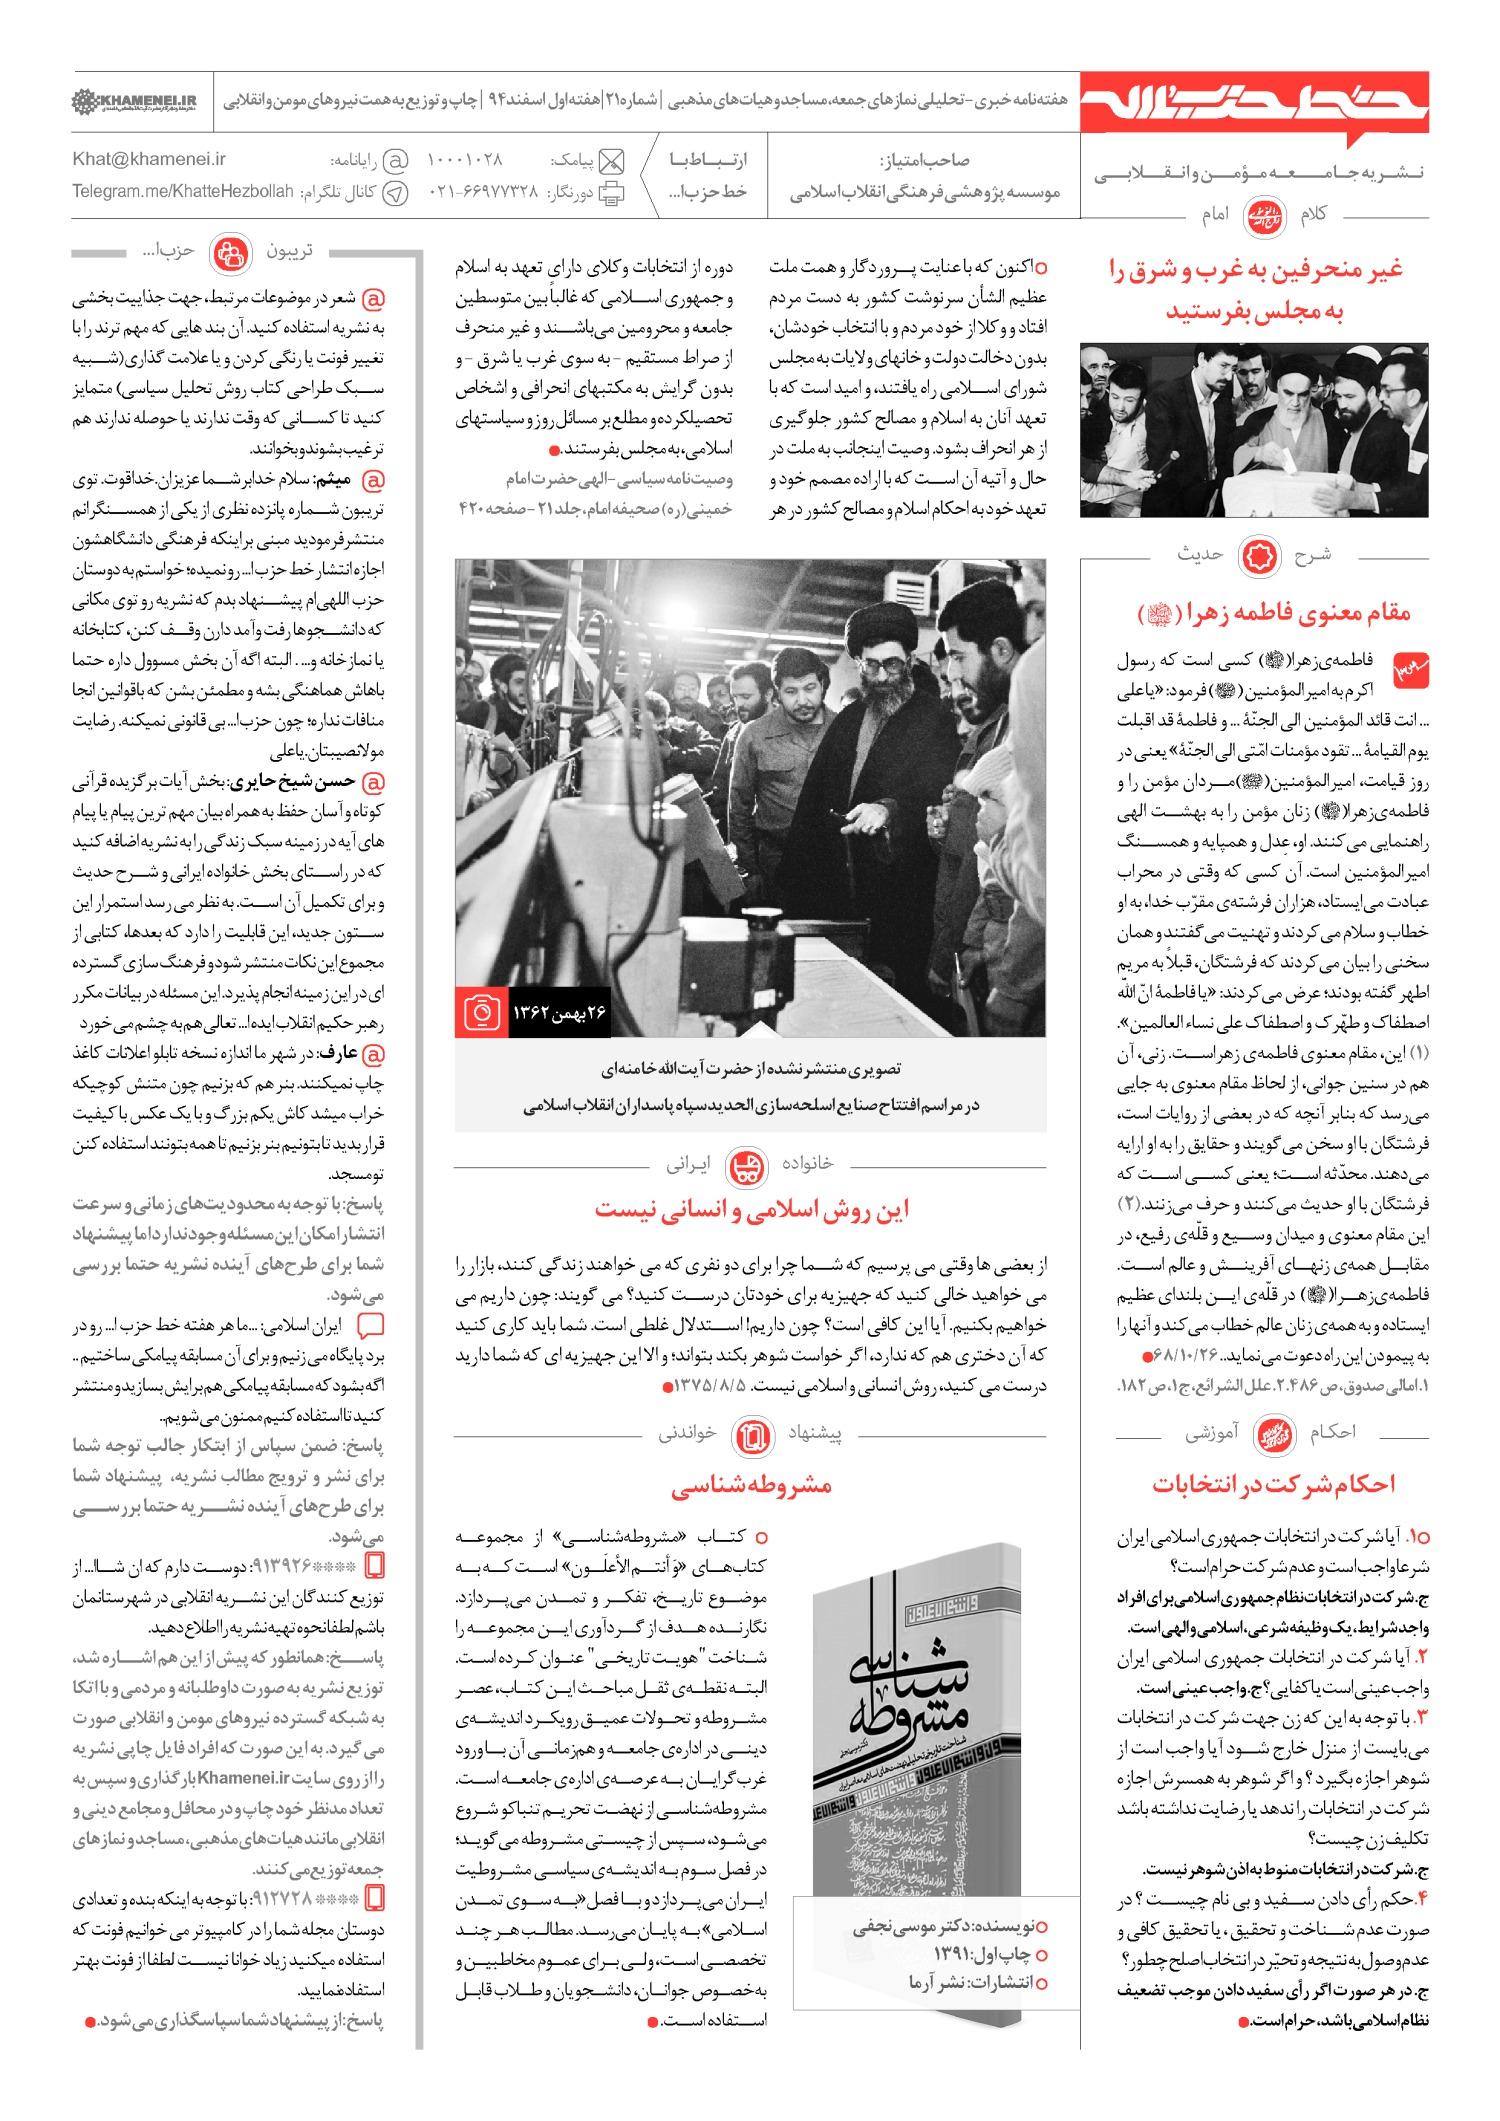 خط حزب الله -شماره پنجم خط حزب الله -شماره بیست و یکم page large 4